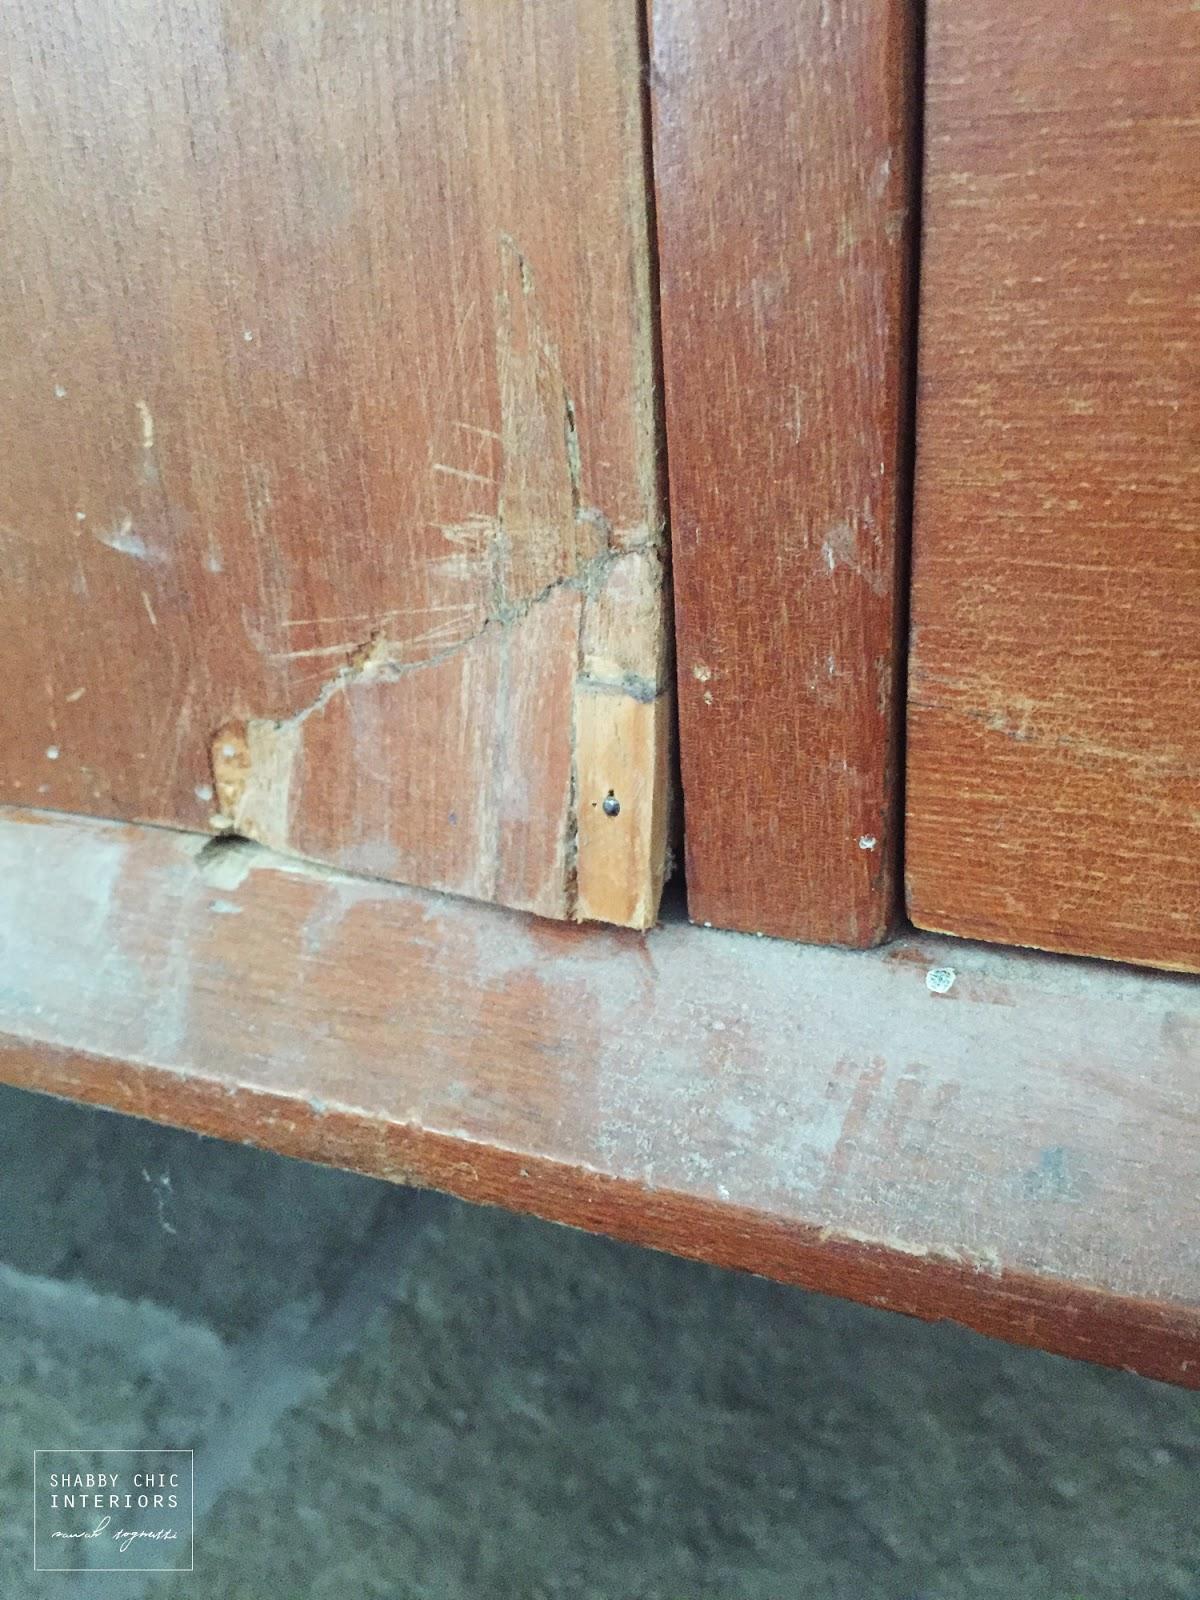 Il restauro di un mobile shabby chic interiors - Come restaurare un mobile impiallacciato ...